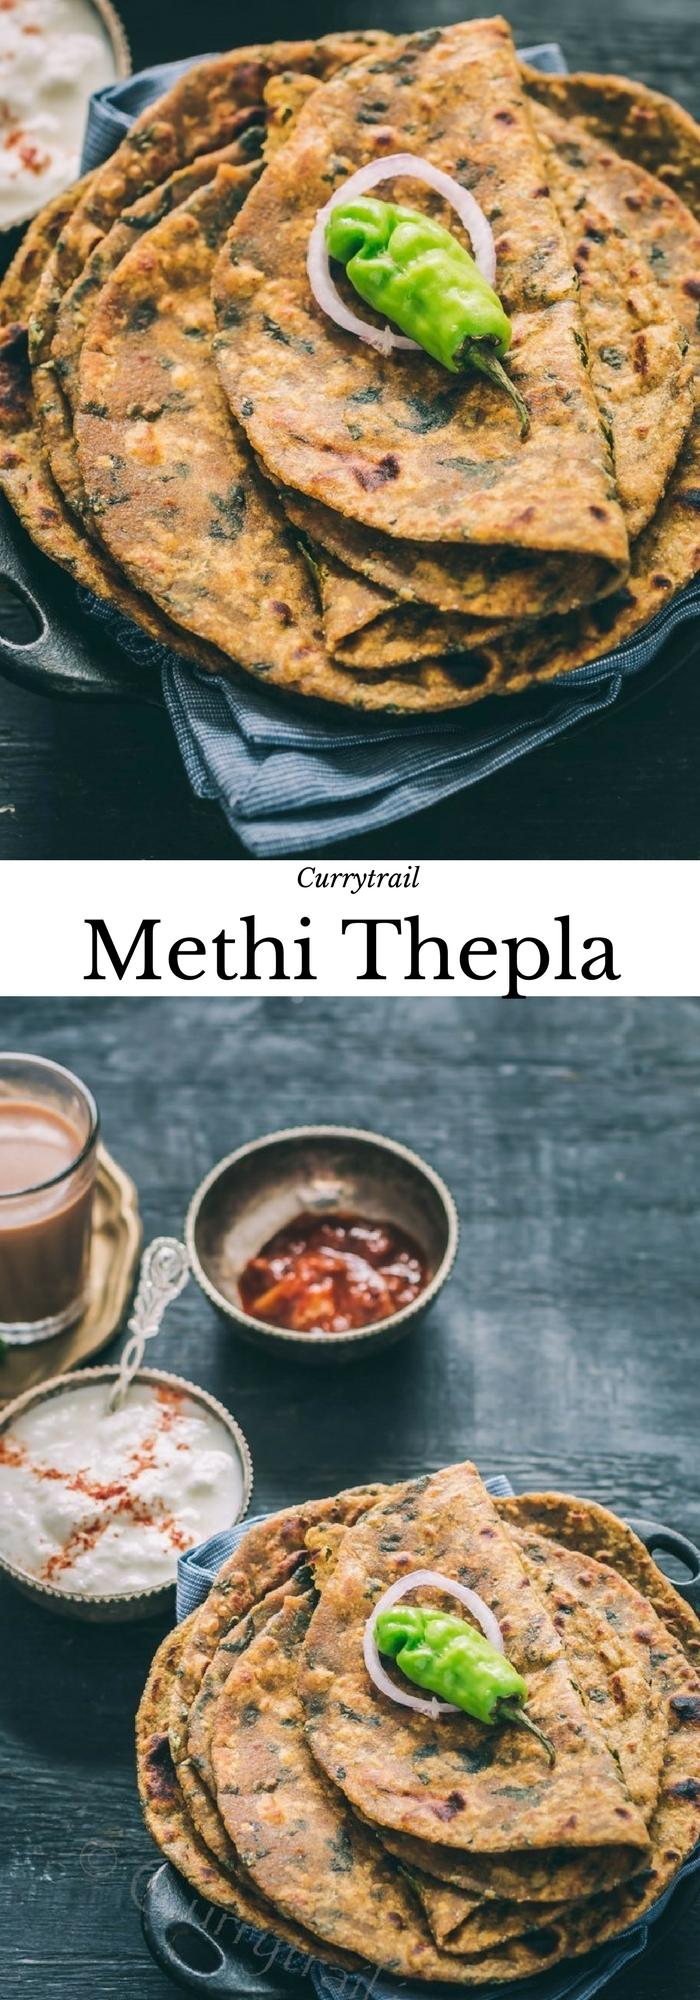 Methi Thepla